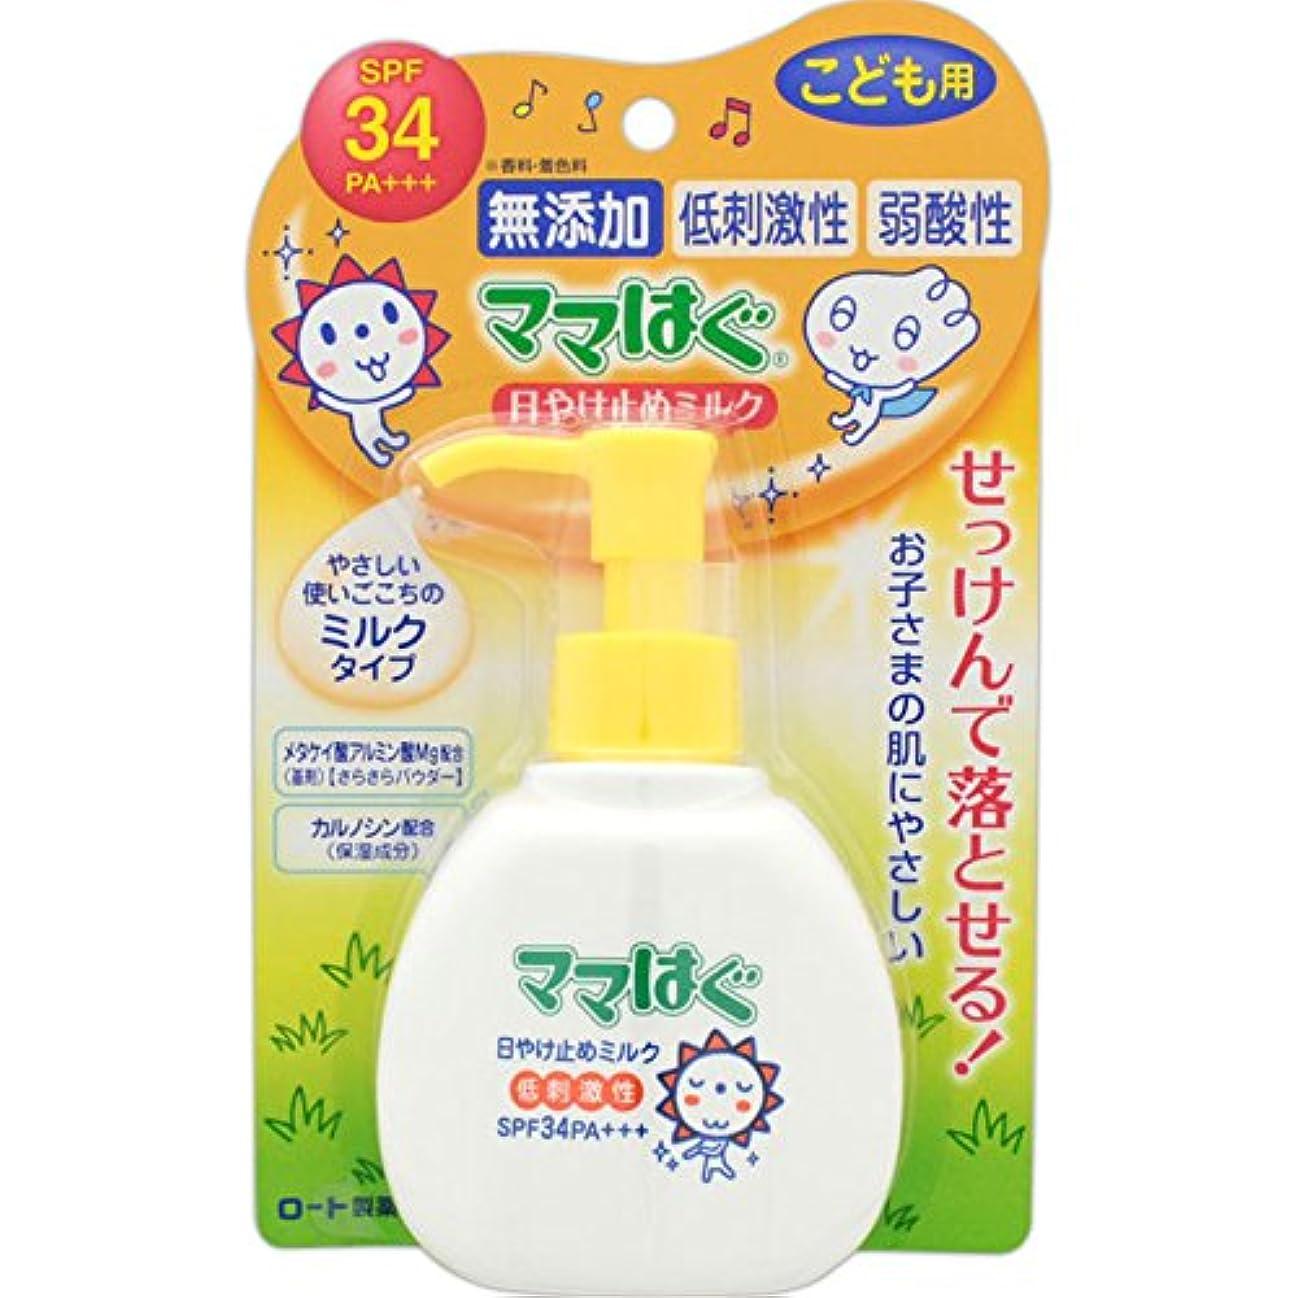 応用弾力性のある詐欺師ロート製薬 ママはぐ 無添加 低刺激性日やけ止めミルク SPF34 PA+++ 100g